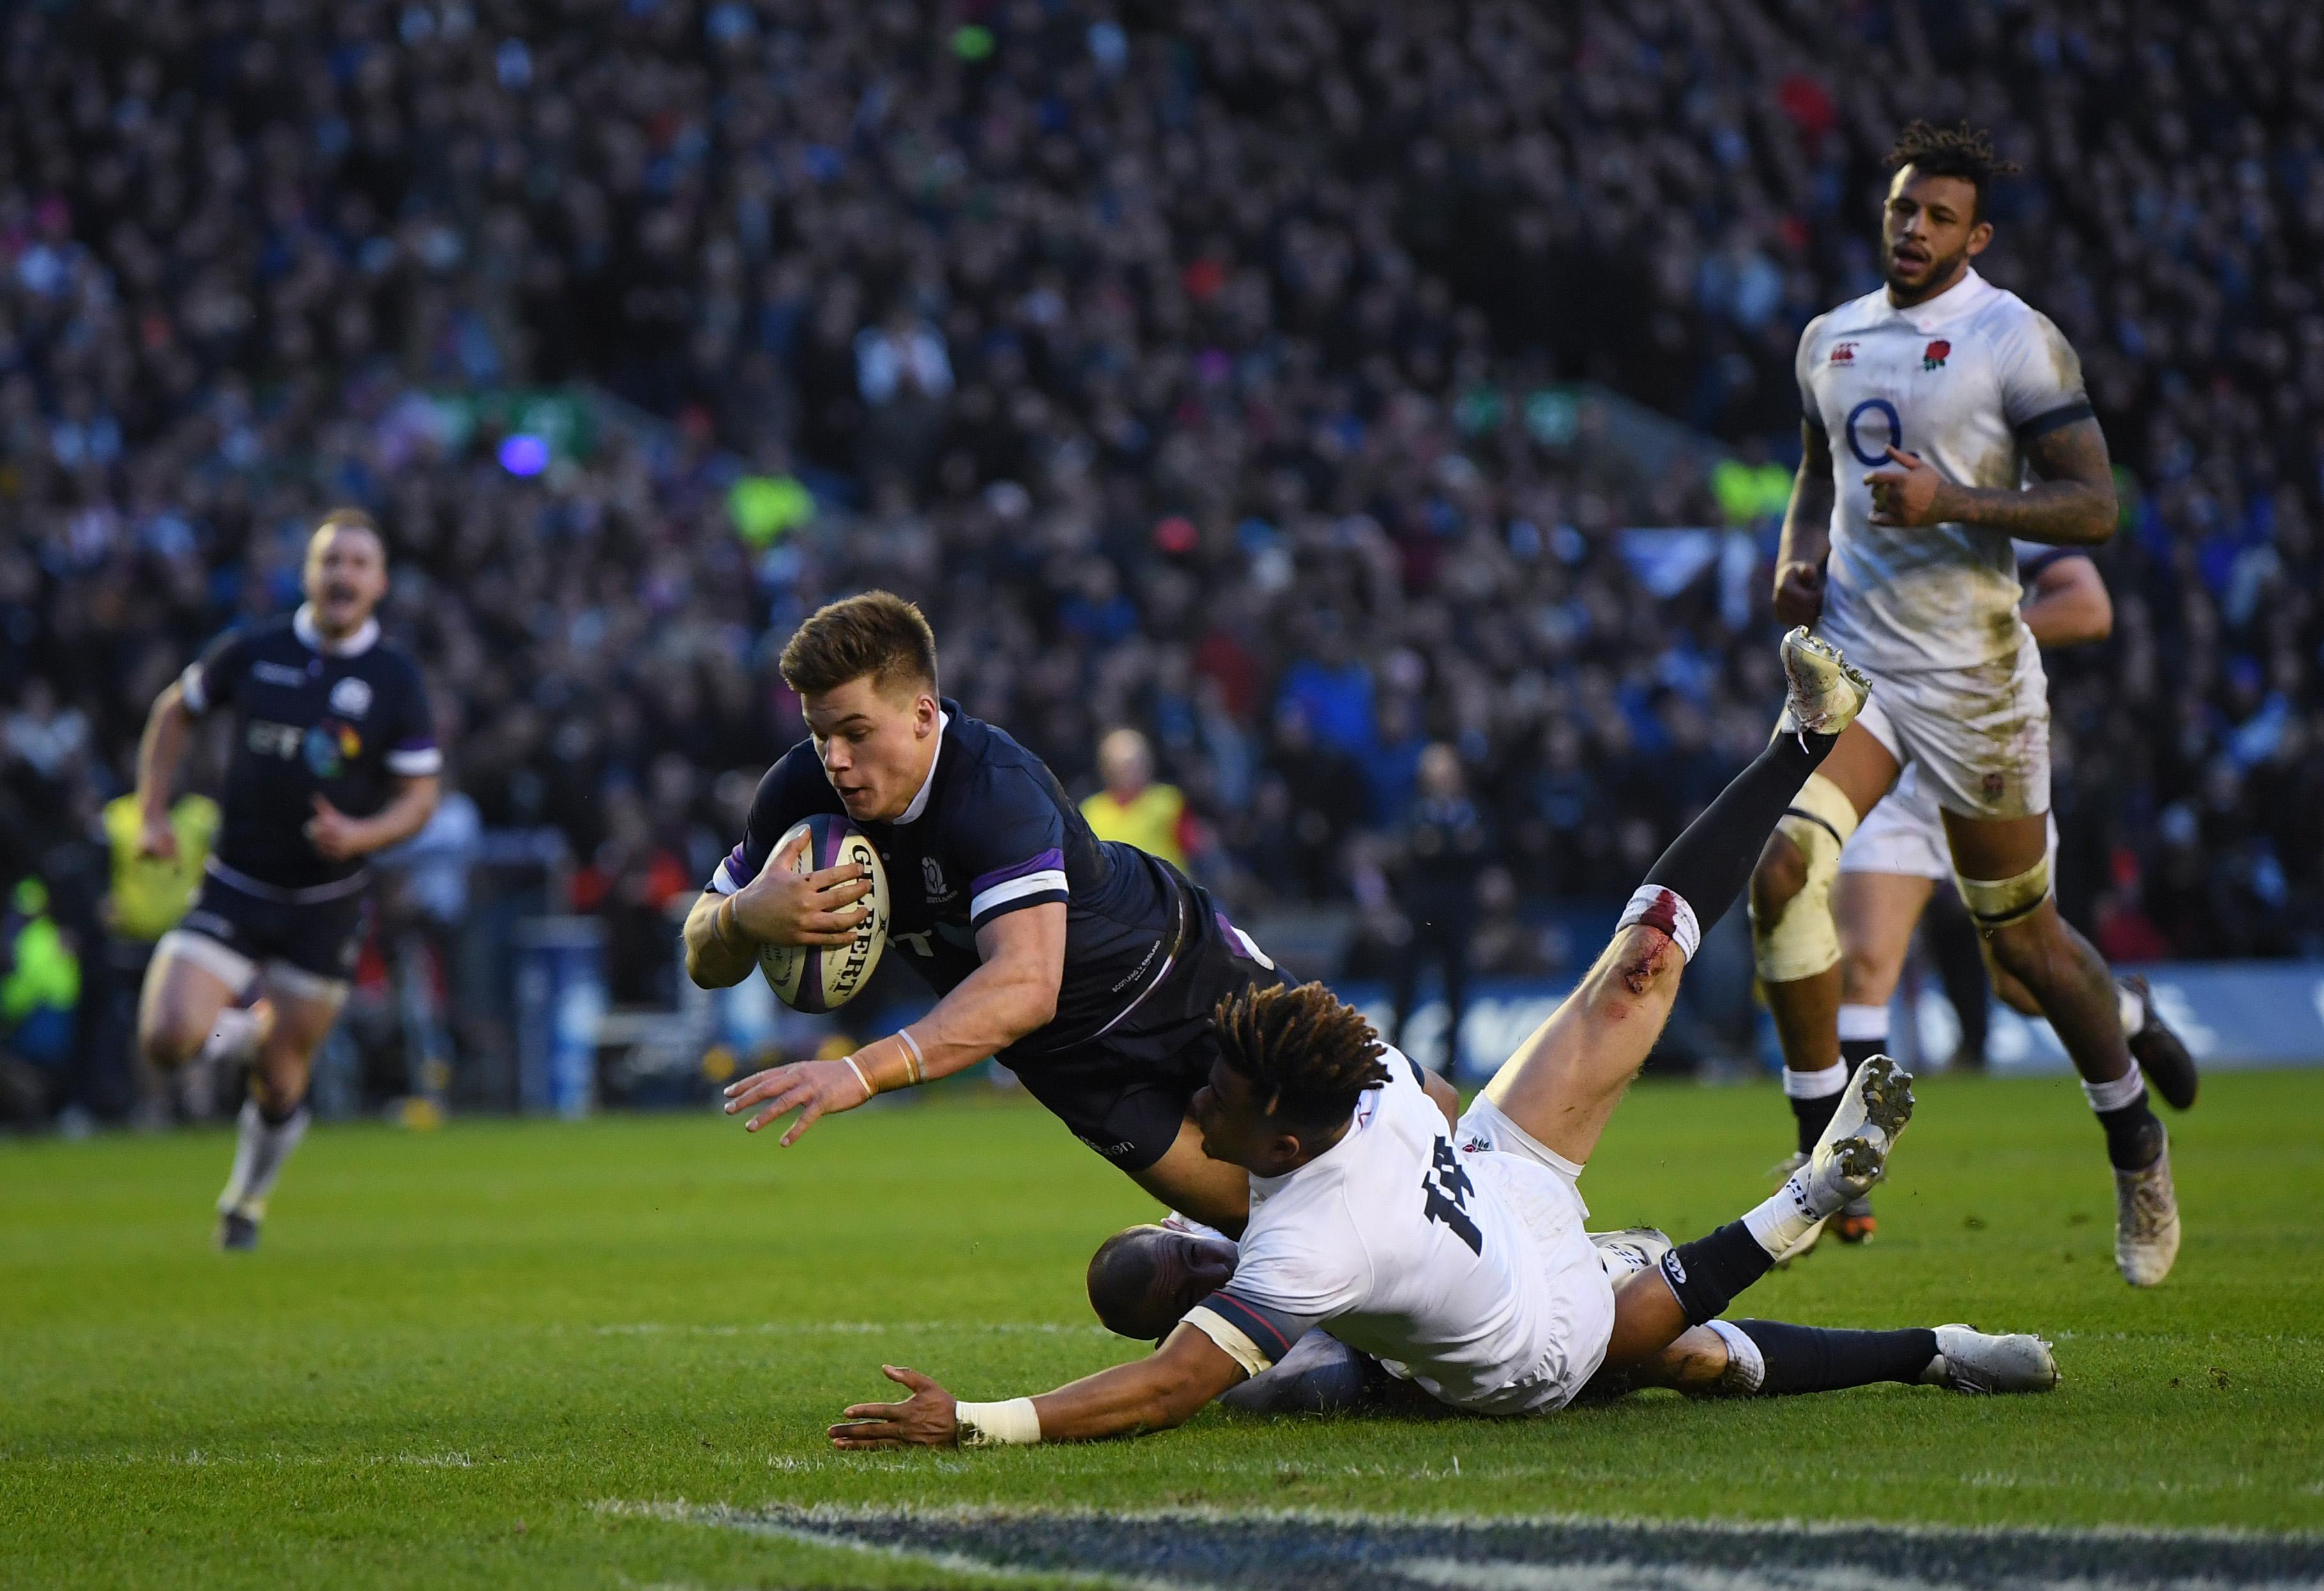 Six Nations 2018: Finn Russell redeemed as Scotland seals rare win over England